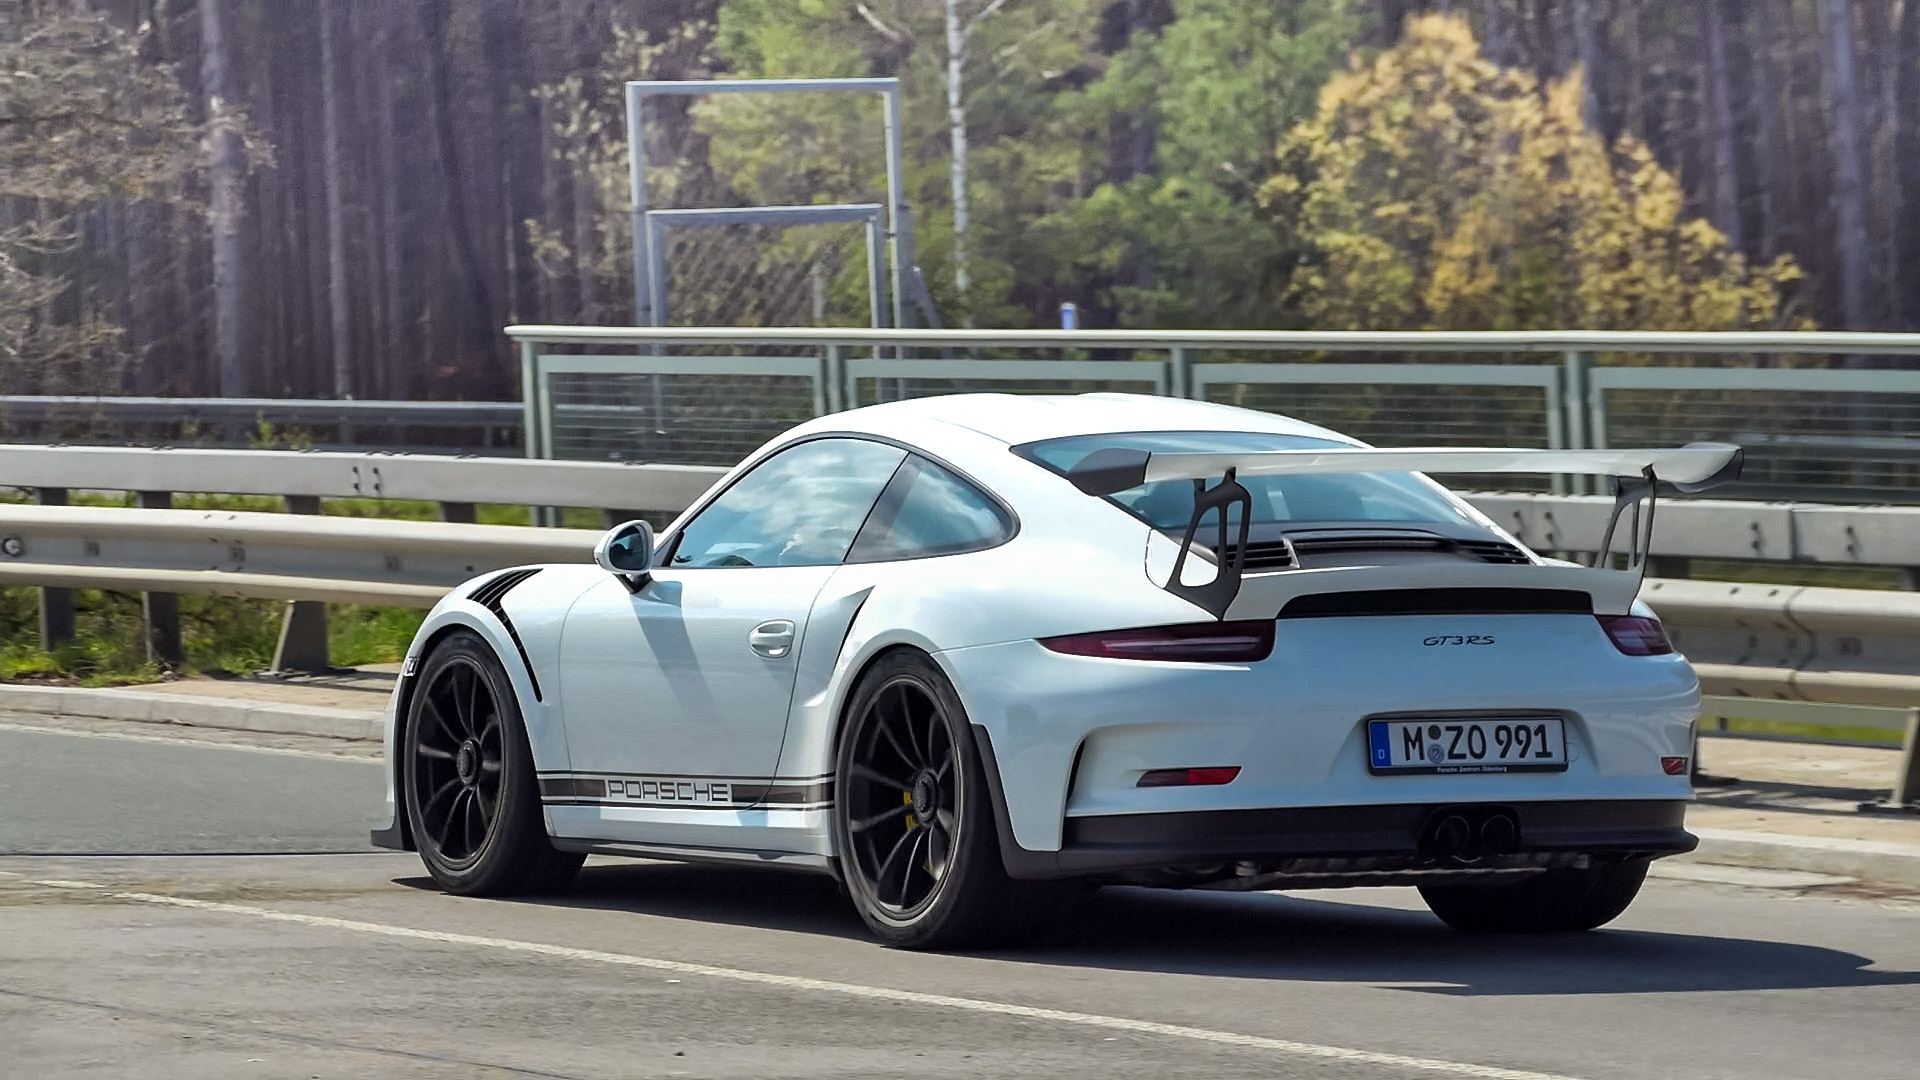 Porsche 911 GT3 RS - M-ZO-991